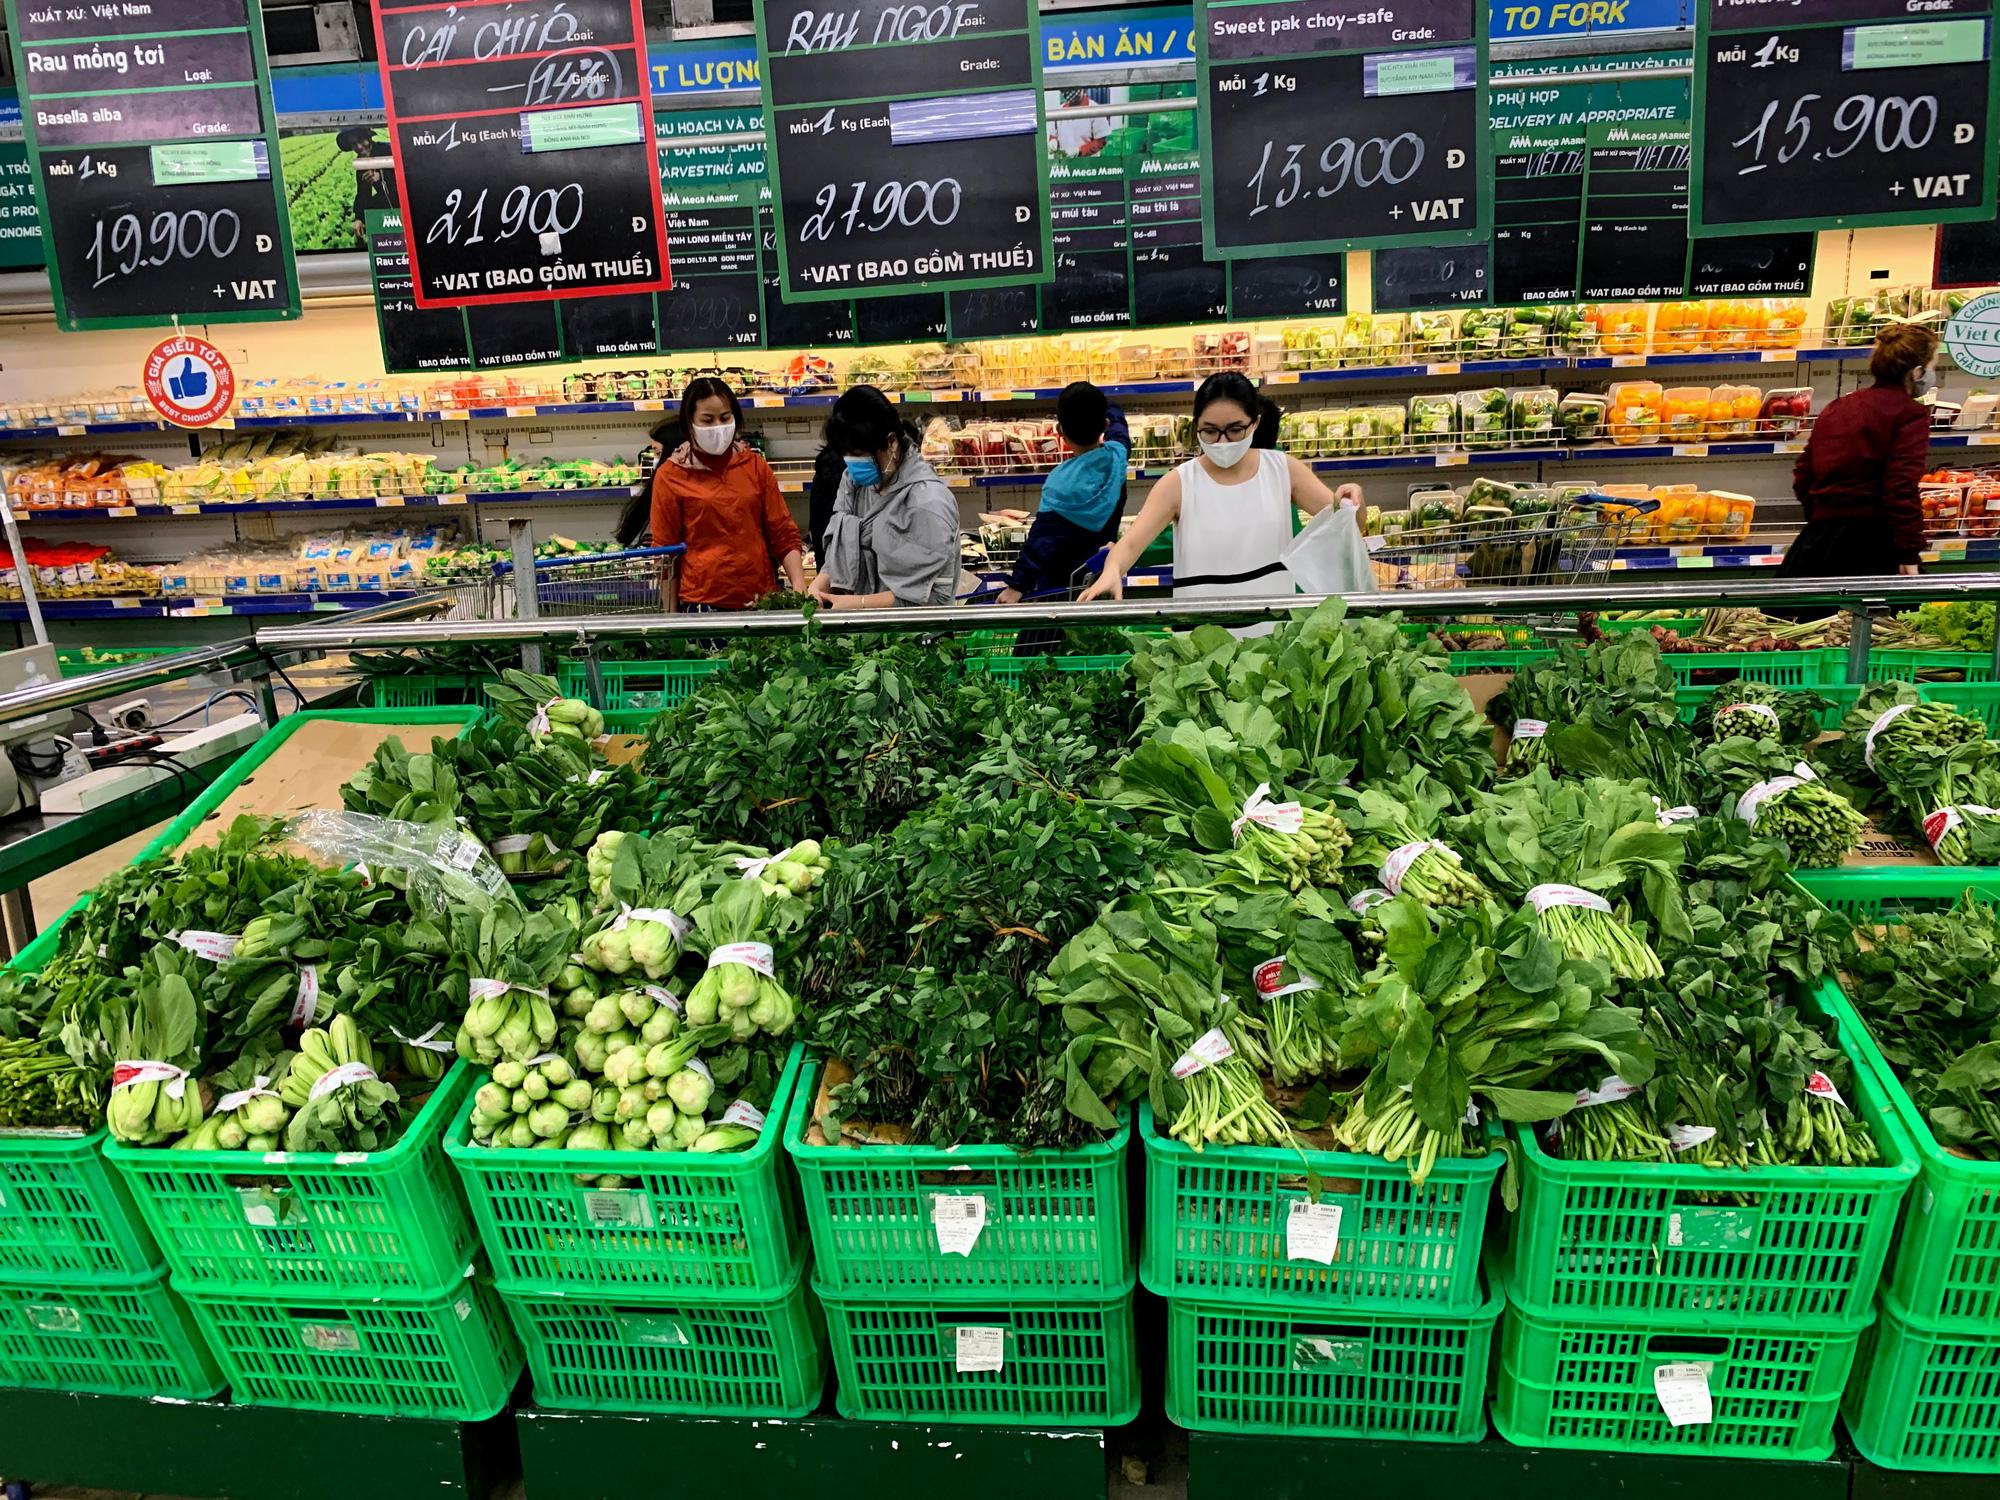 17 người nhiễm Covid - 19 được chữa khỏi, người dân lạc quan quay trở lại mua sắm trong siêu thị, trung tâm thương mại - Ảnh 4.